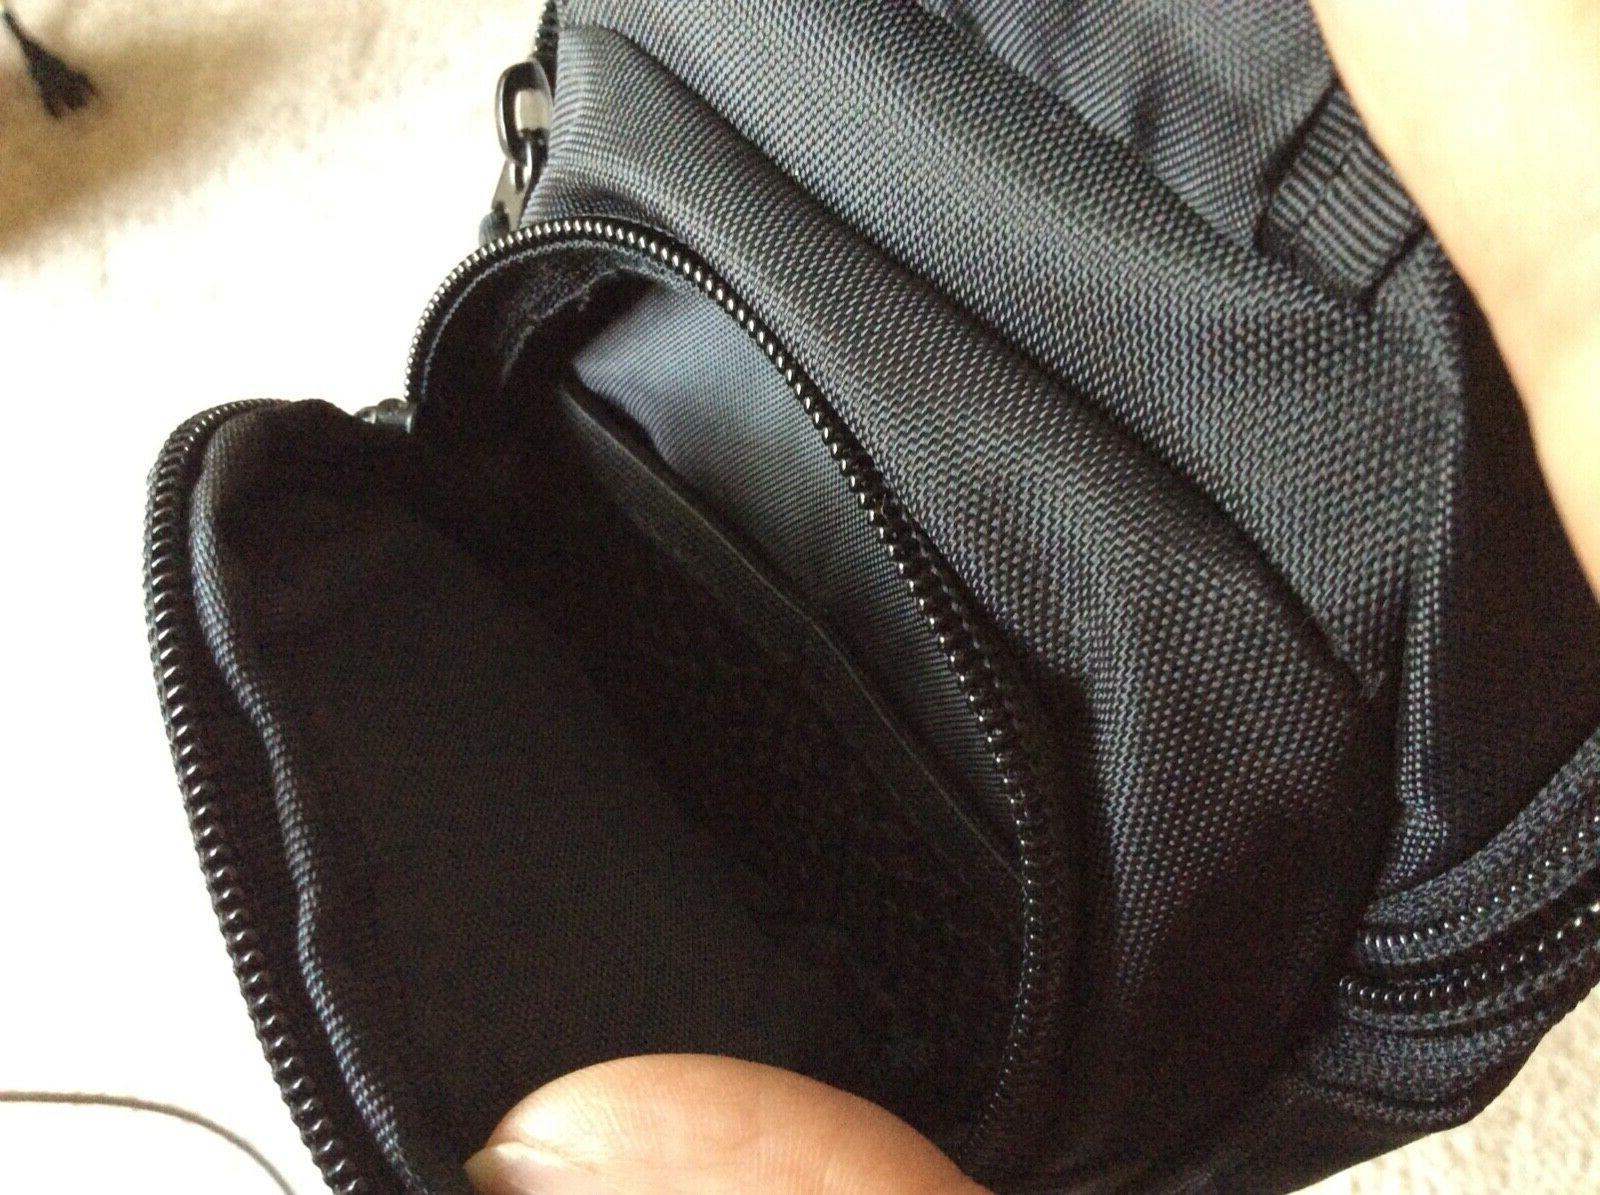 Targus Range / padded case - new tag